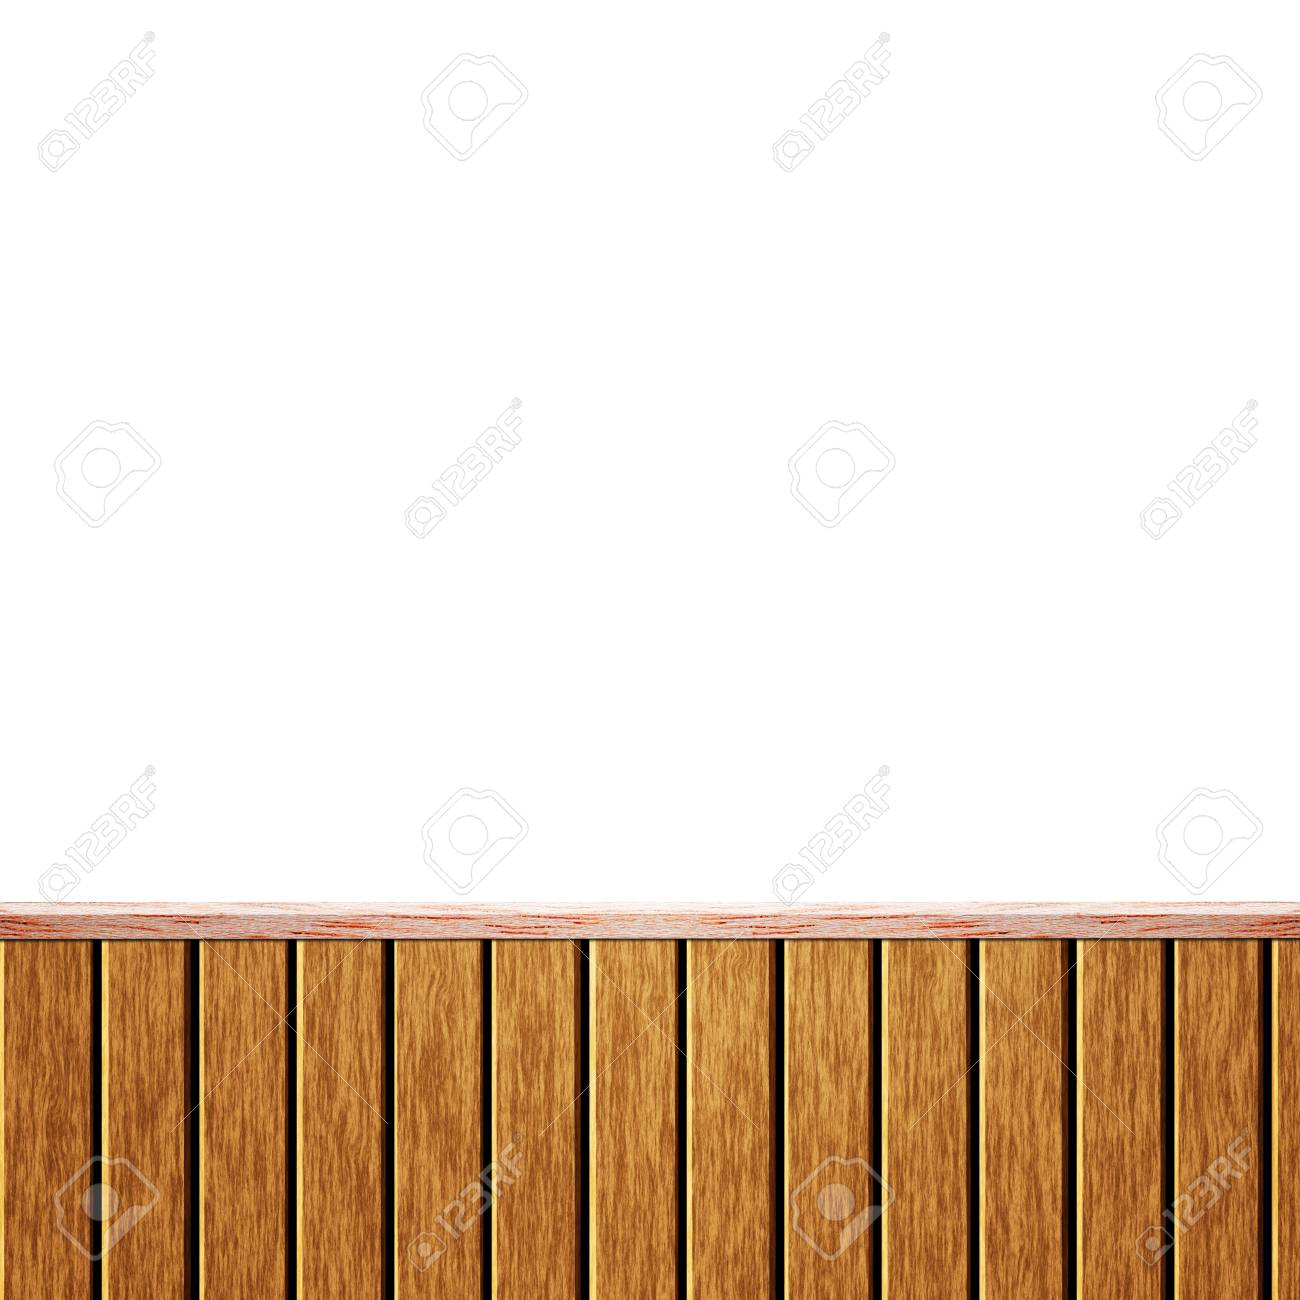 Weisse Holzwand Fur Text Und Hintergrund Lizenzfreie Fotos Bilder